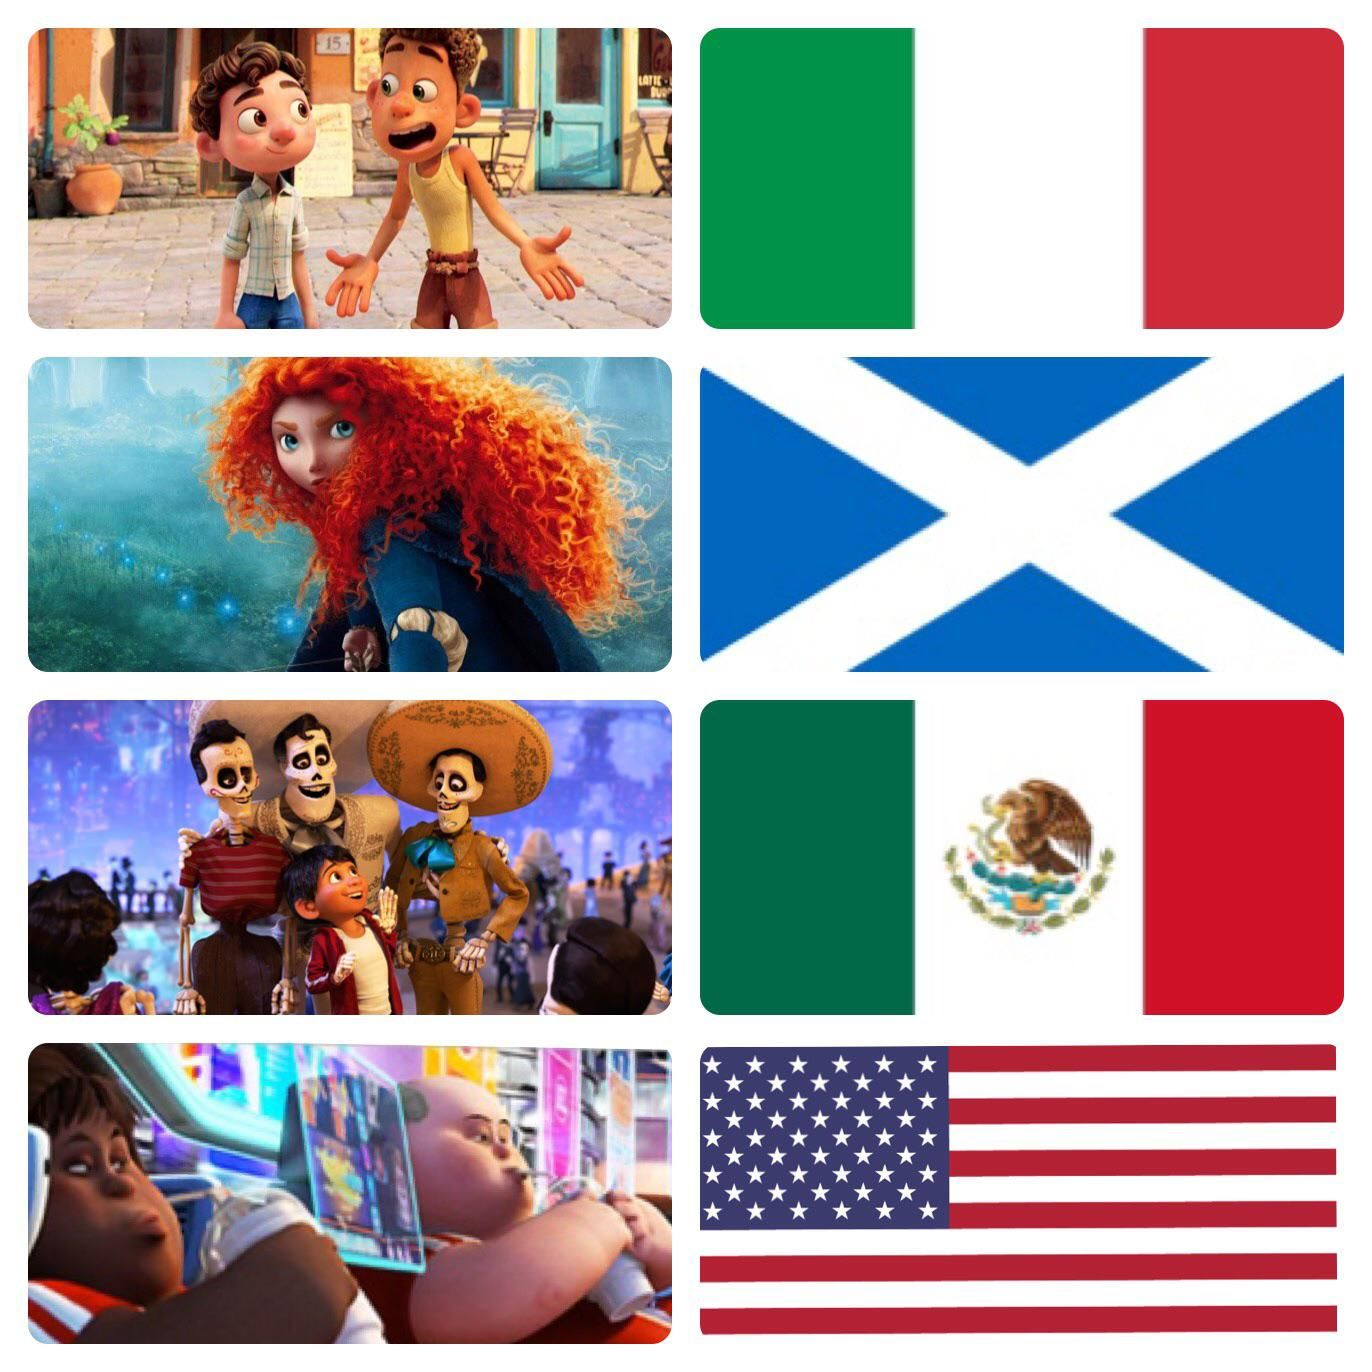 Cultural appreciation in Pixar films